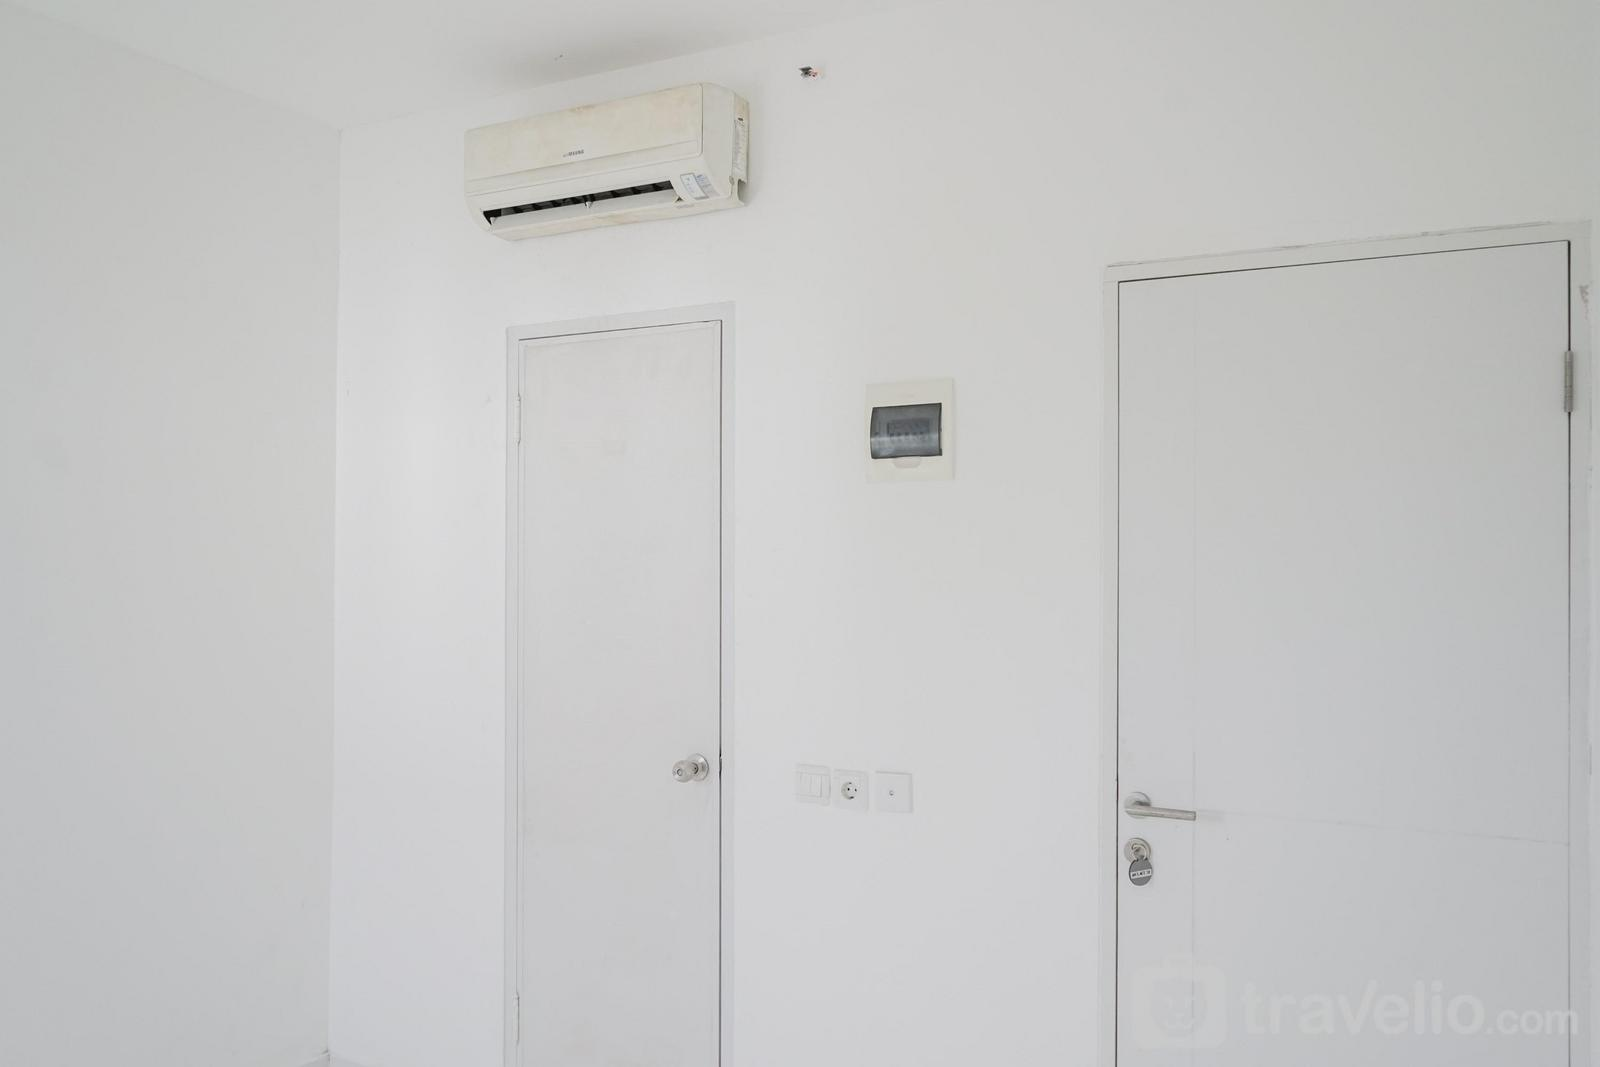 Apartemen Aeropolis Residence - Unfurnished Studio with AC at Aeropolis Residence Apartment By Travelio